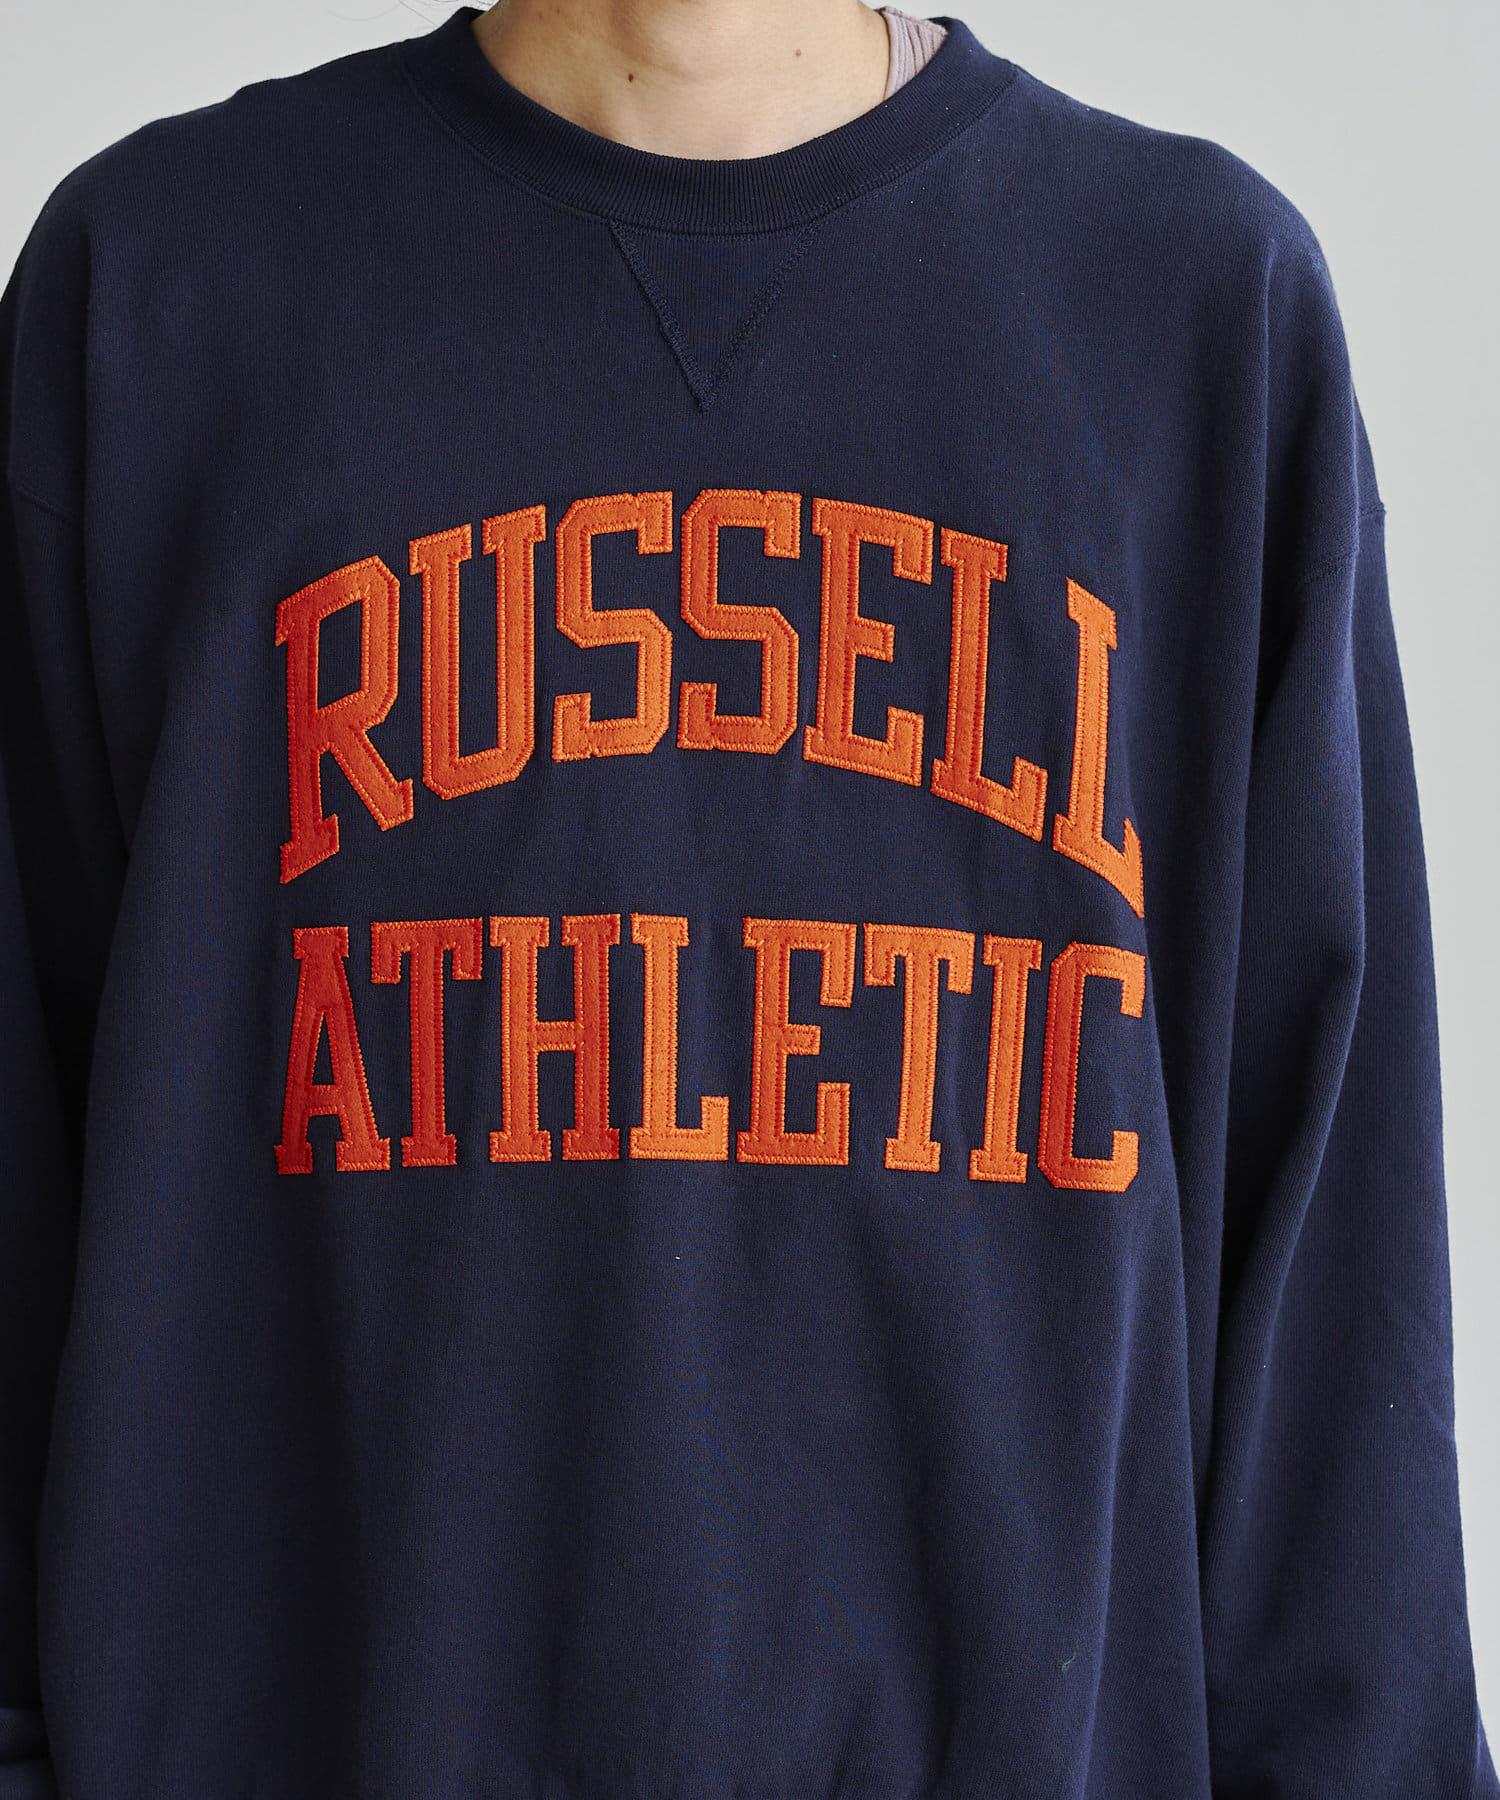 CPCM(シーピーシーエム) 【Russell Athletic】カレッジロゴクルースウェット